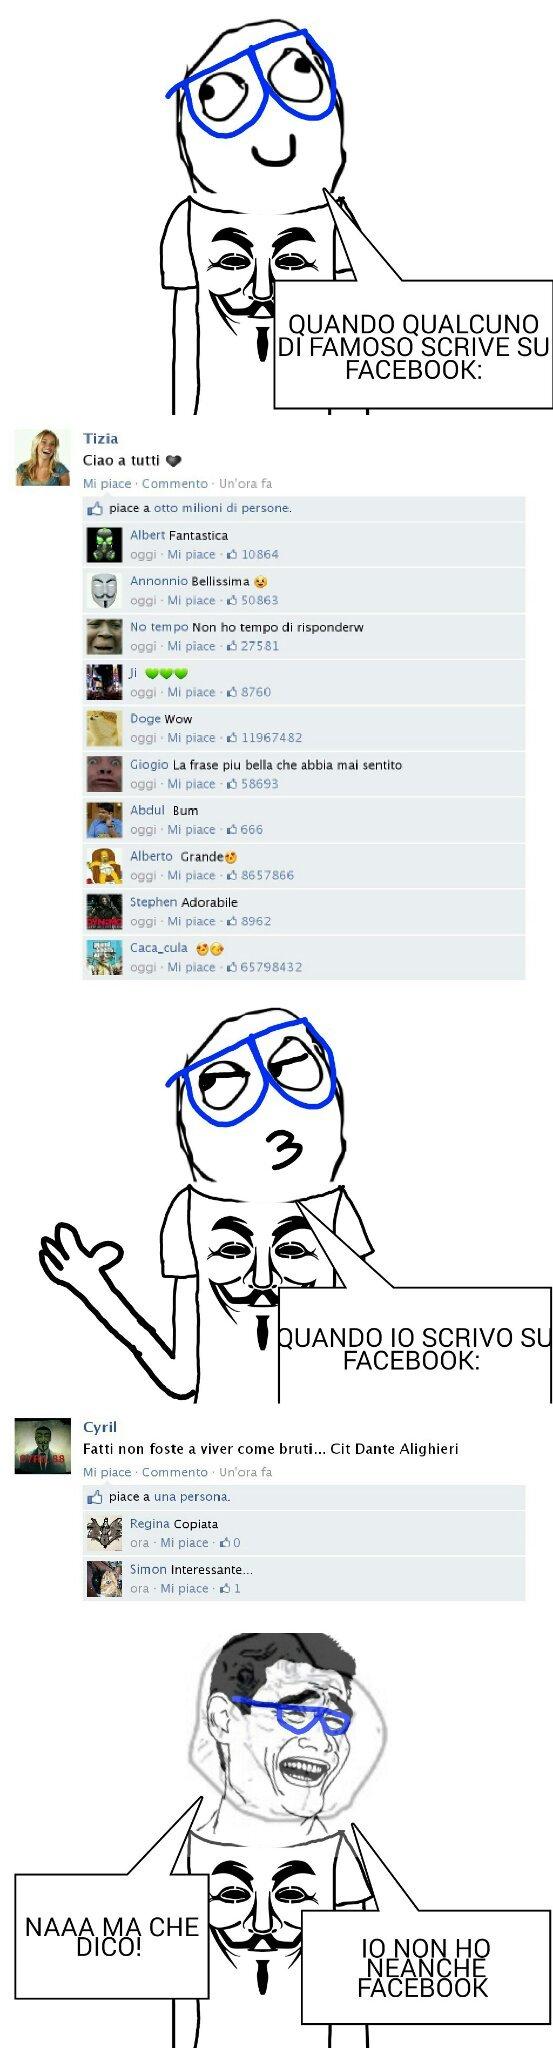 Cito Tizia - meme